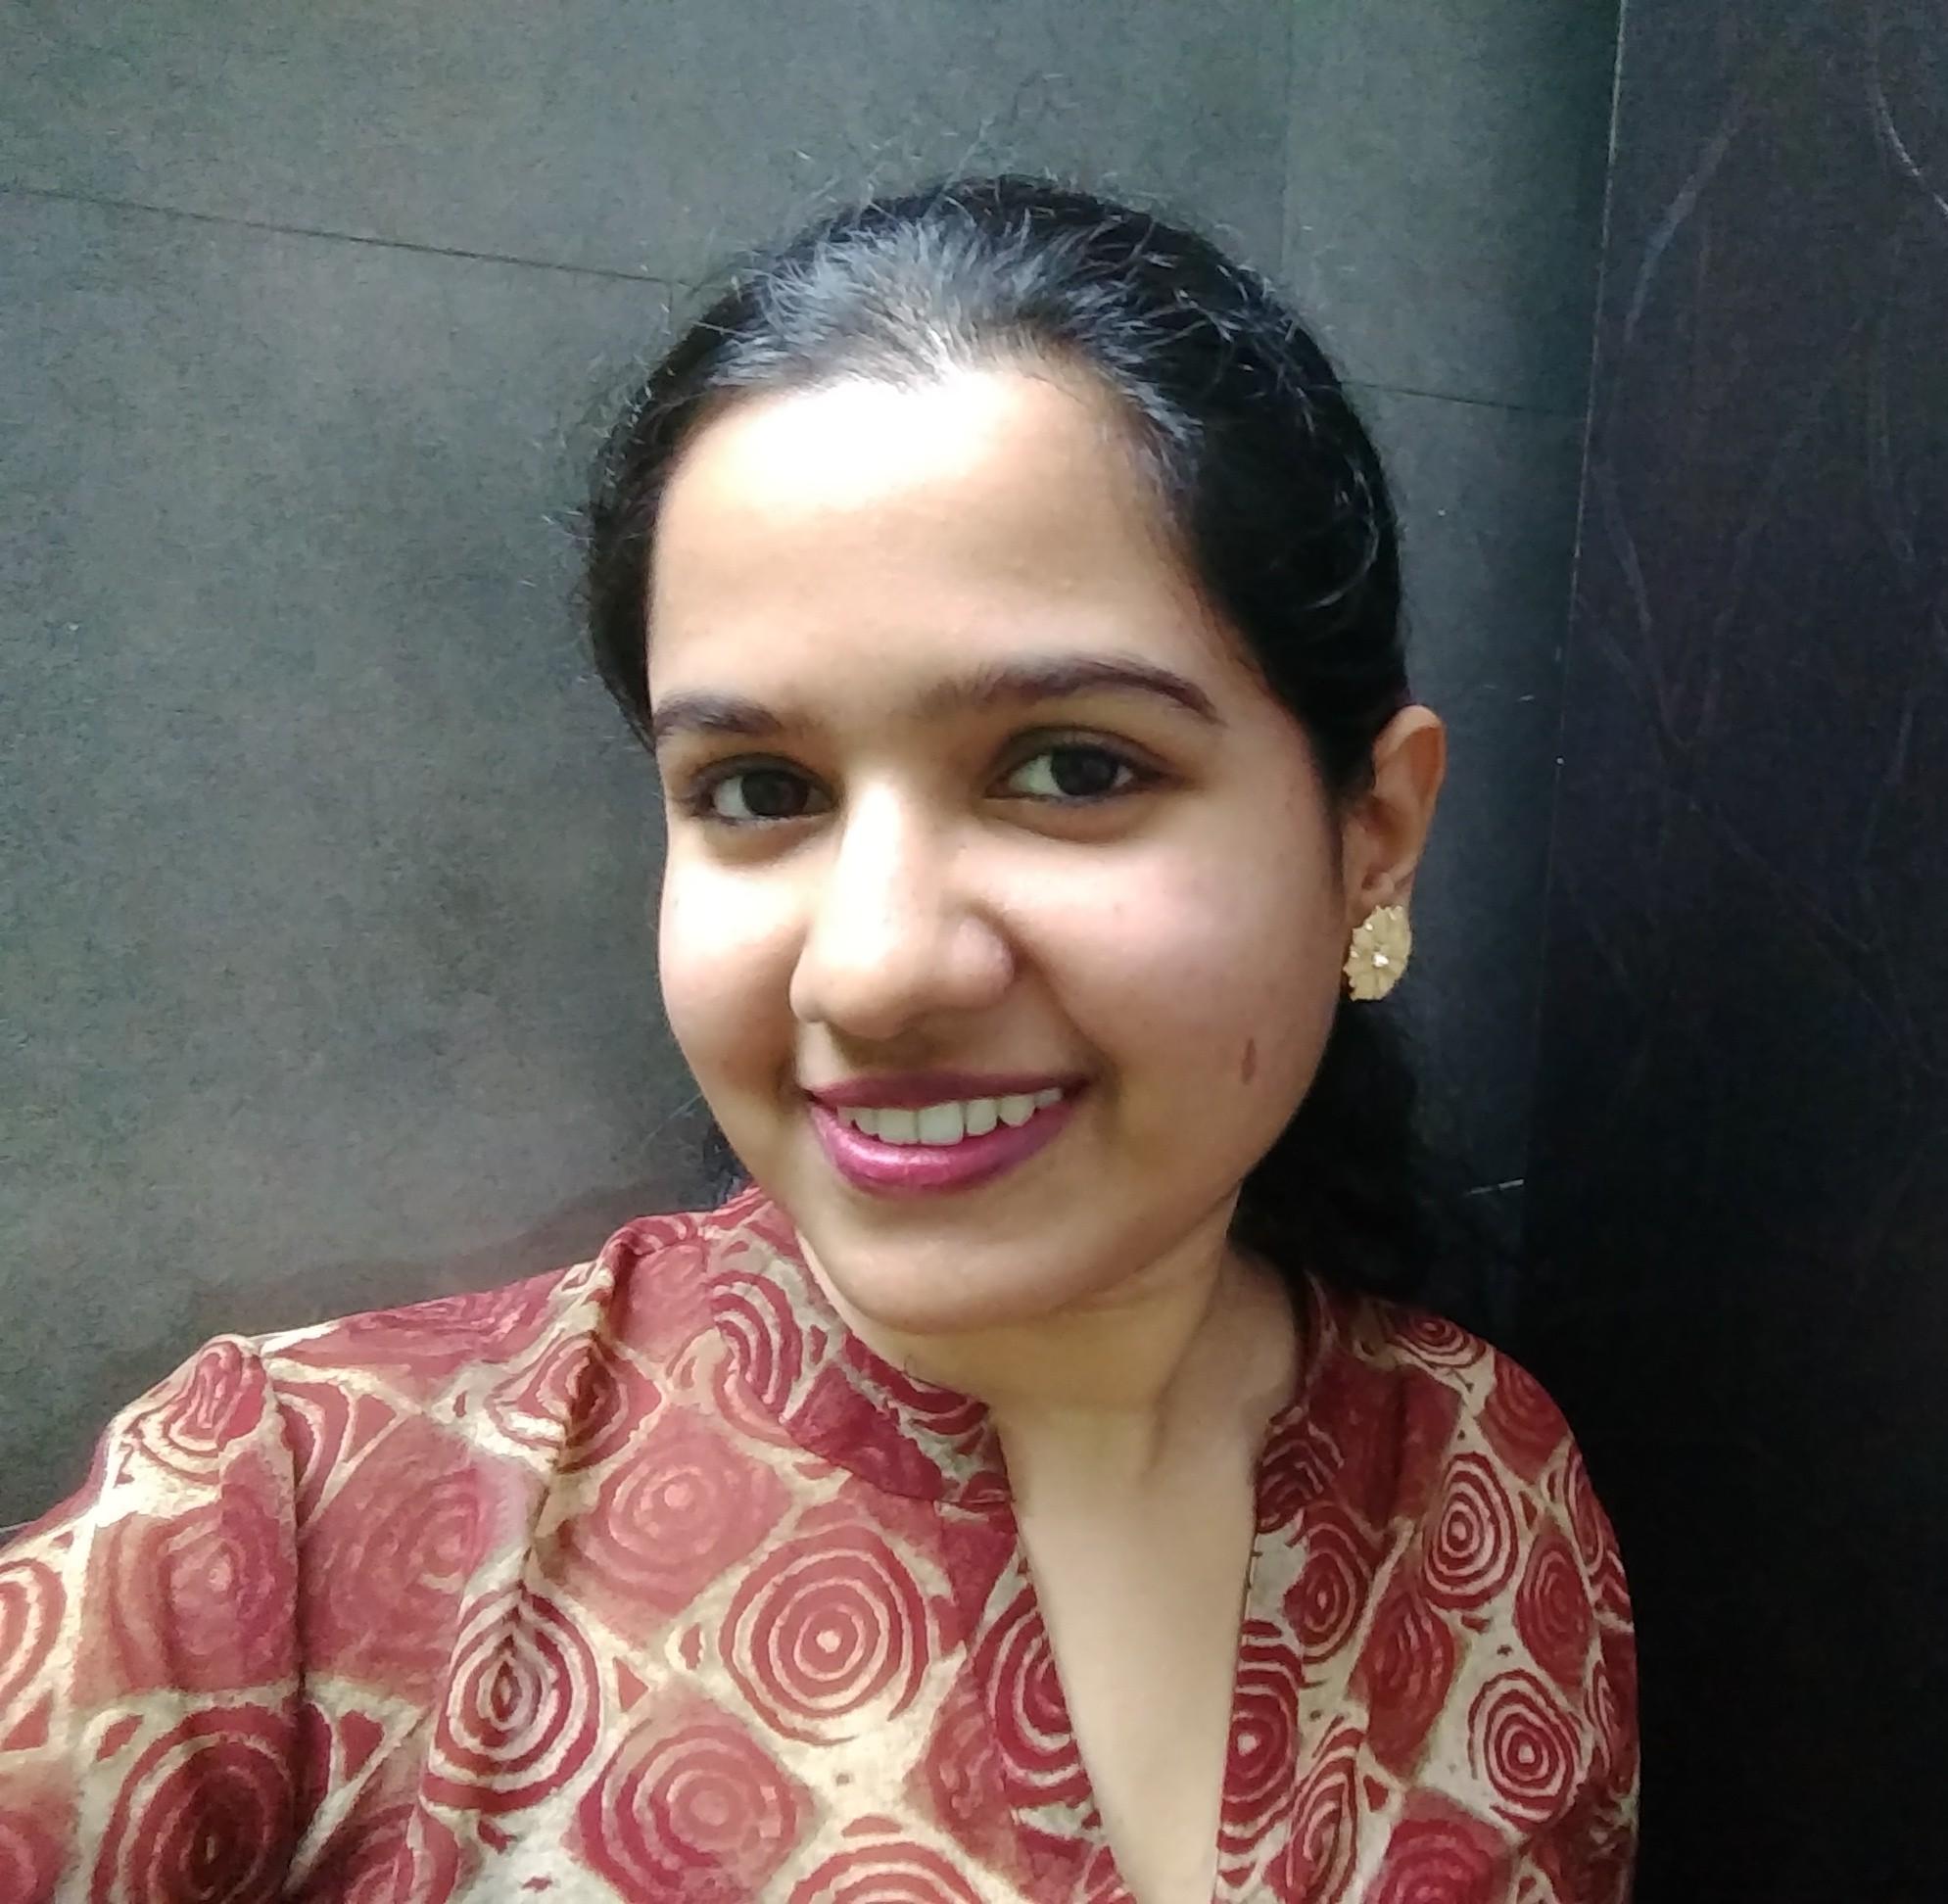 Dhanashree Venugopalan